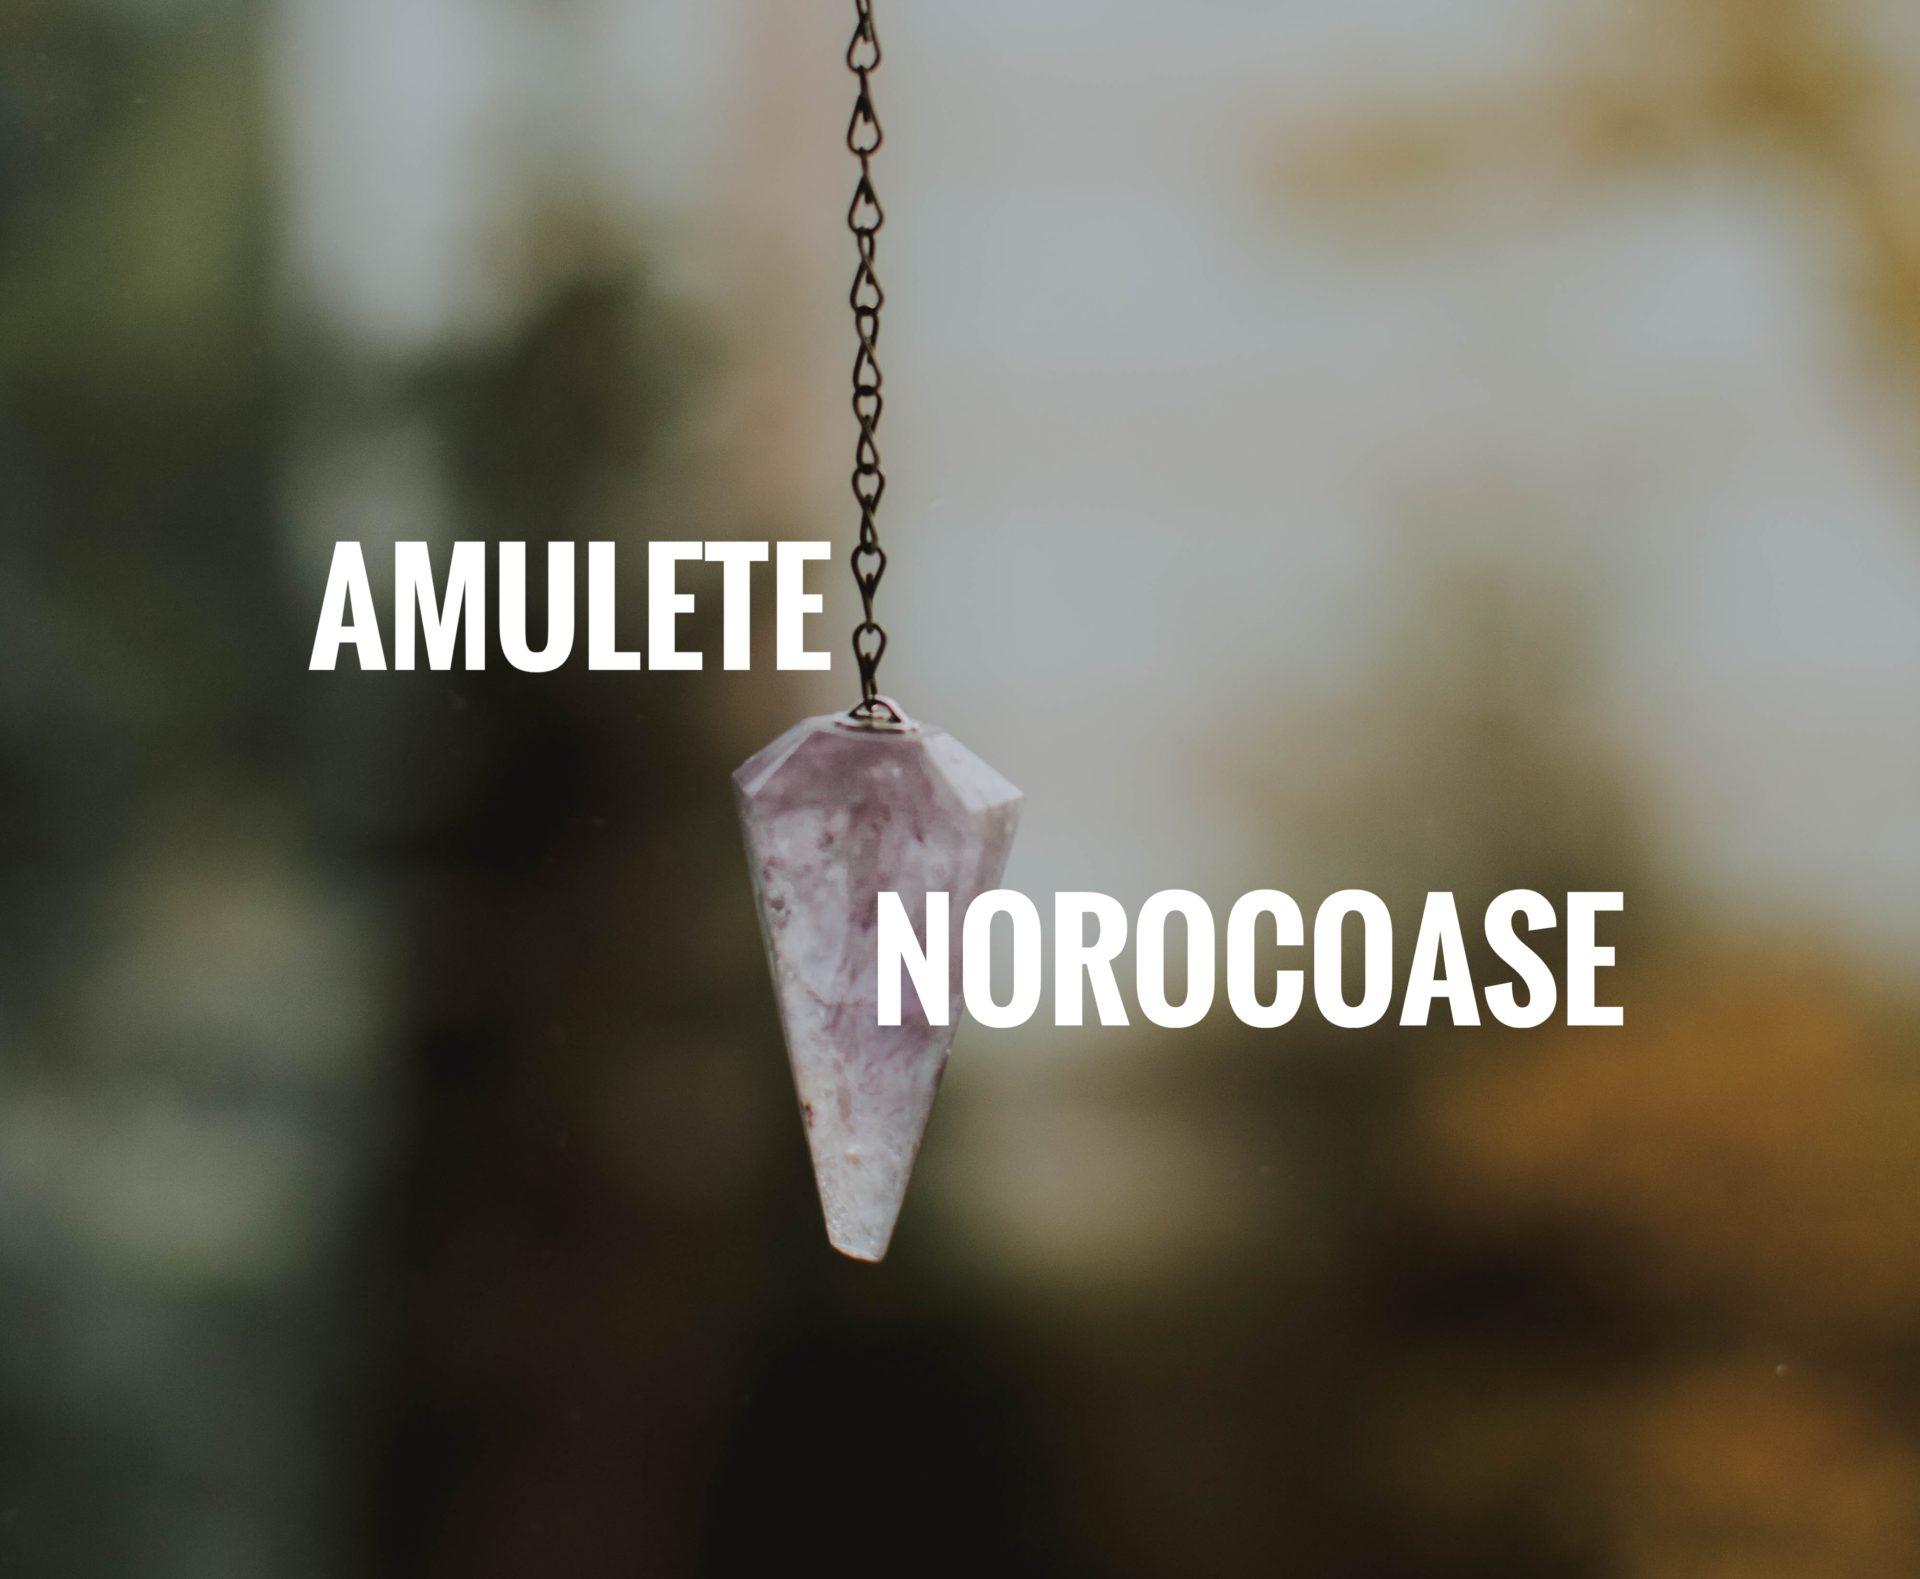 Amulete norocoase